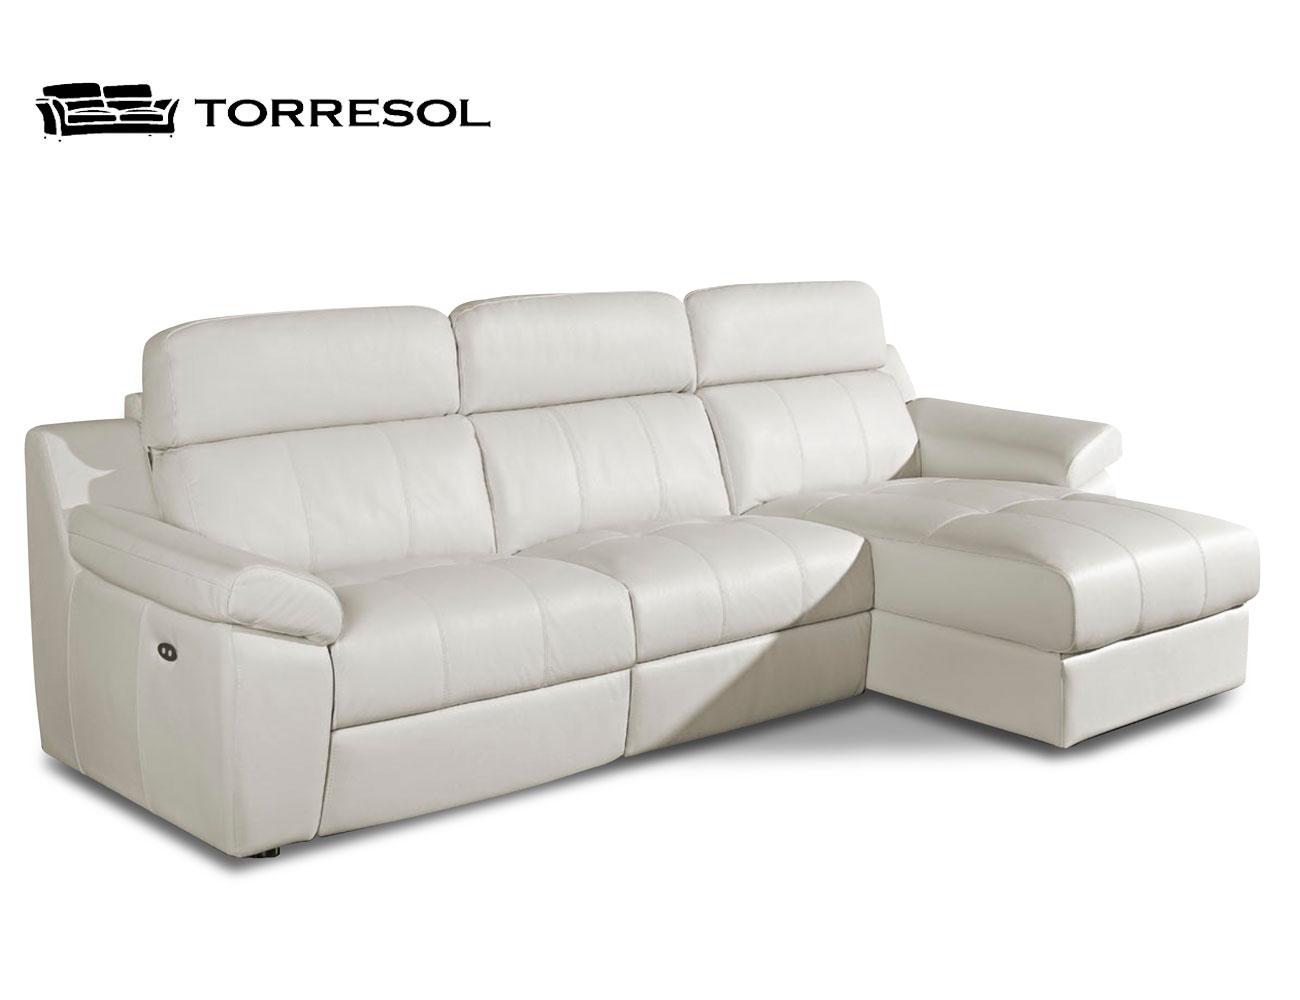 Sofa zisu torresol m1